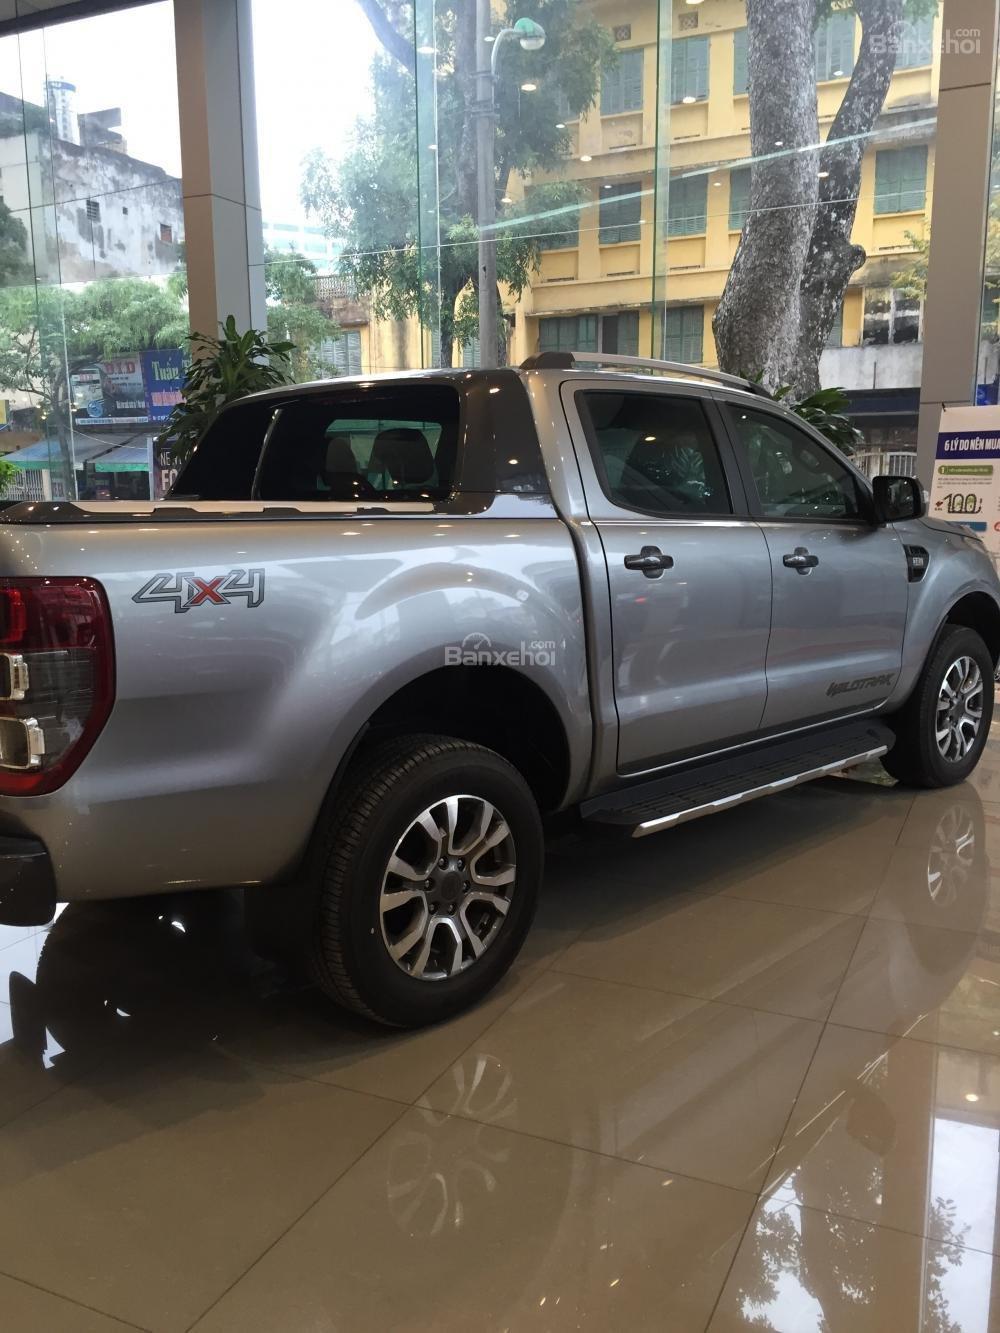 Bán Ford Ranger mới 100% giá cực rẻ, ưu đãi khủng, chỉ hơn 100 triệu có xe, LH: 033.613.5555-4